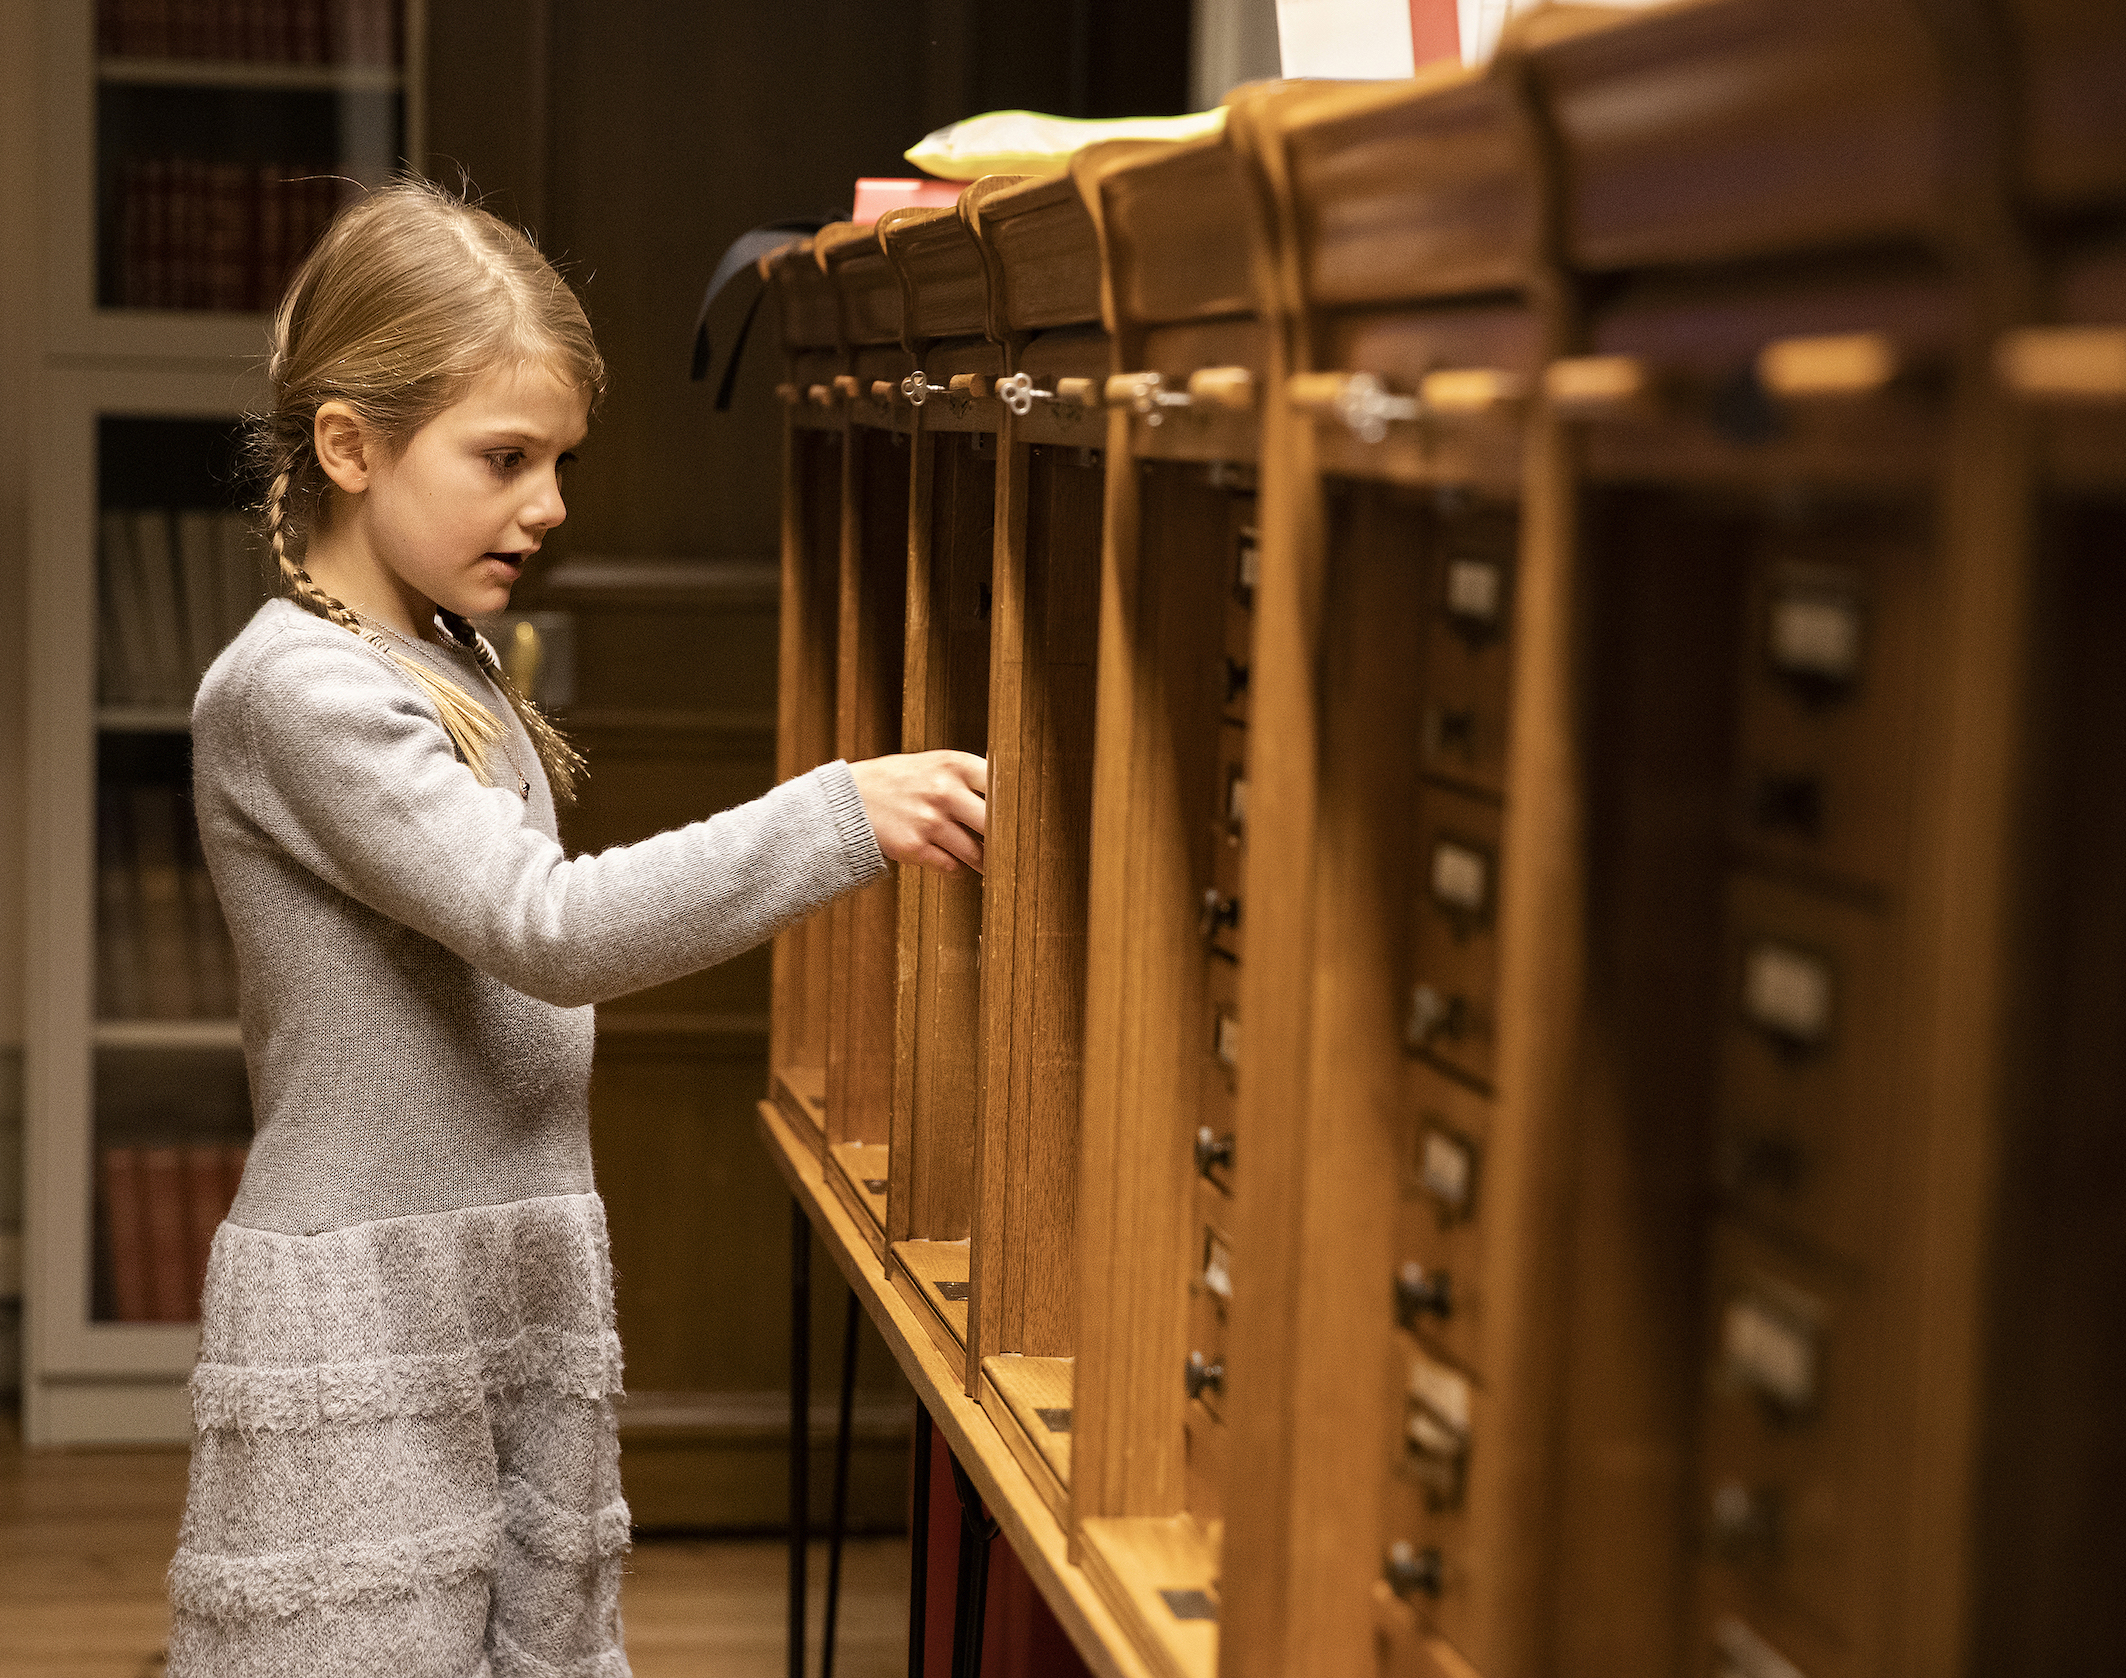 Estelle macht sich selbst auf die Suche.  ©Sara Friberg, Kungl. Royal Court